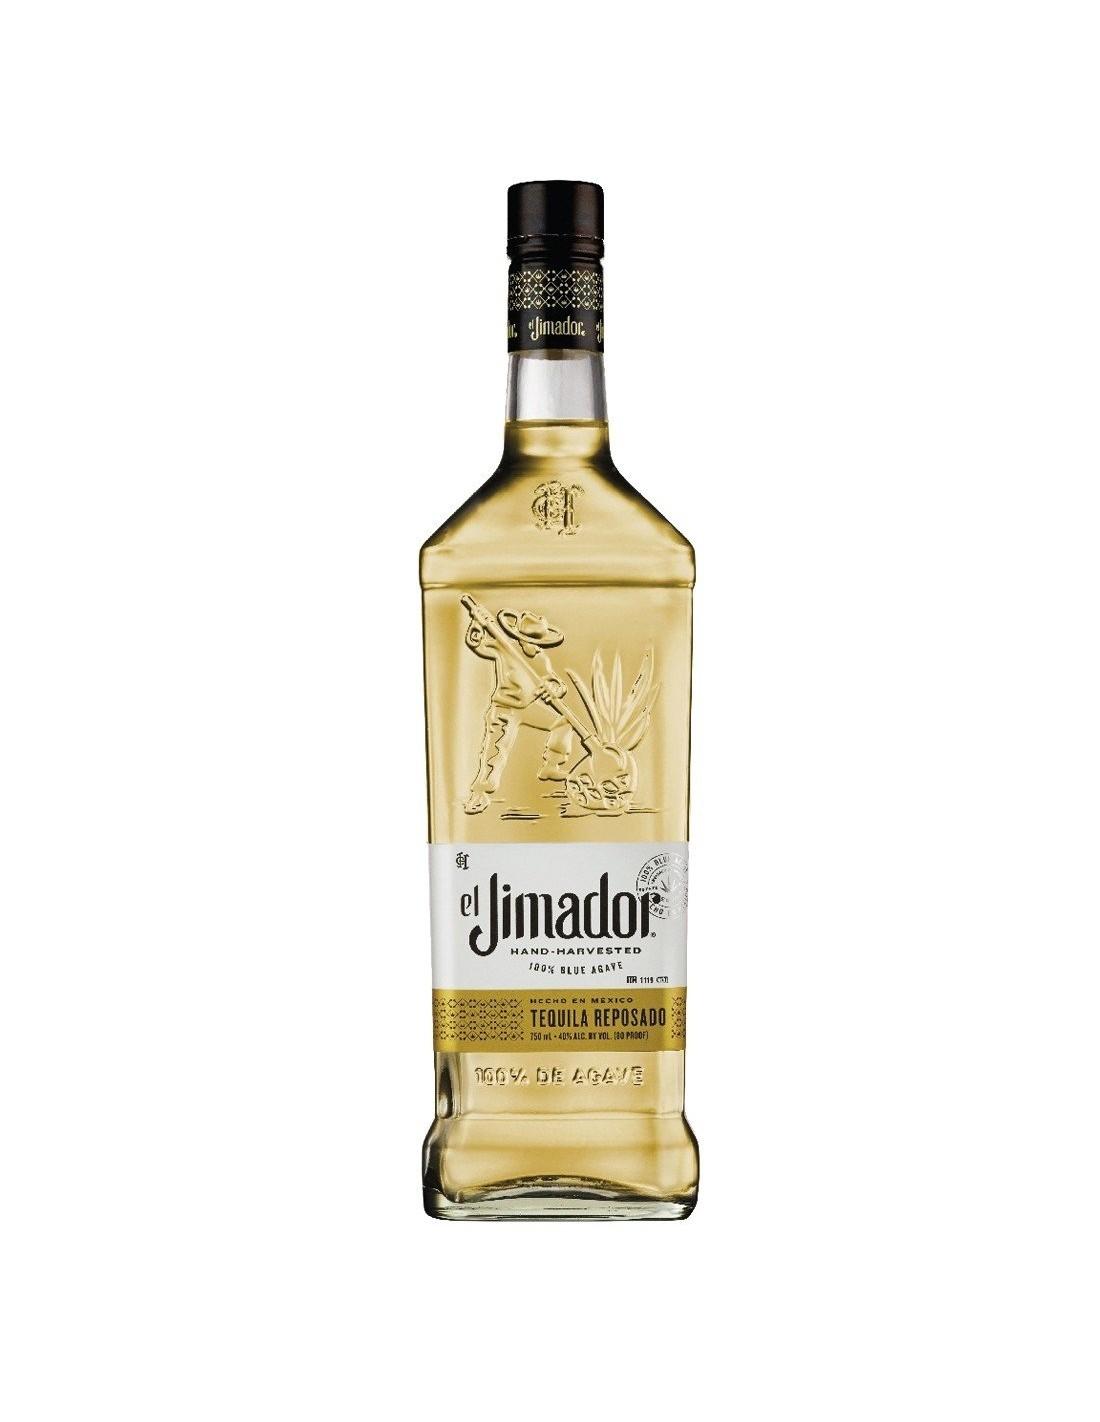 Tequila aurie El Jimador Reposado 0.7L, 38% alc., Mexic